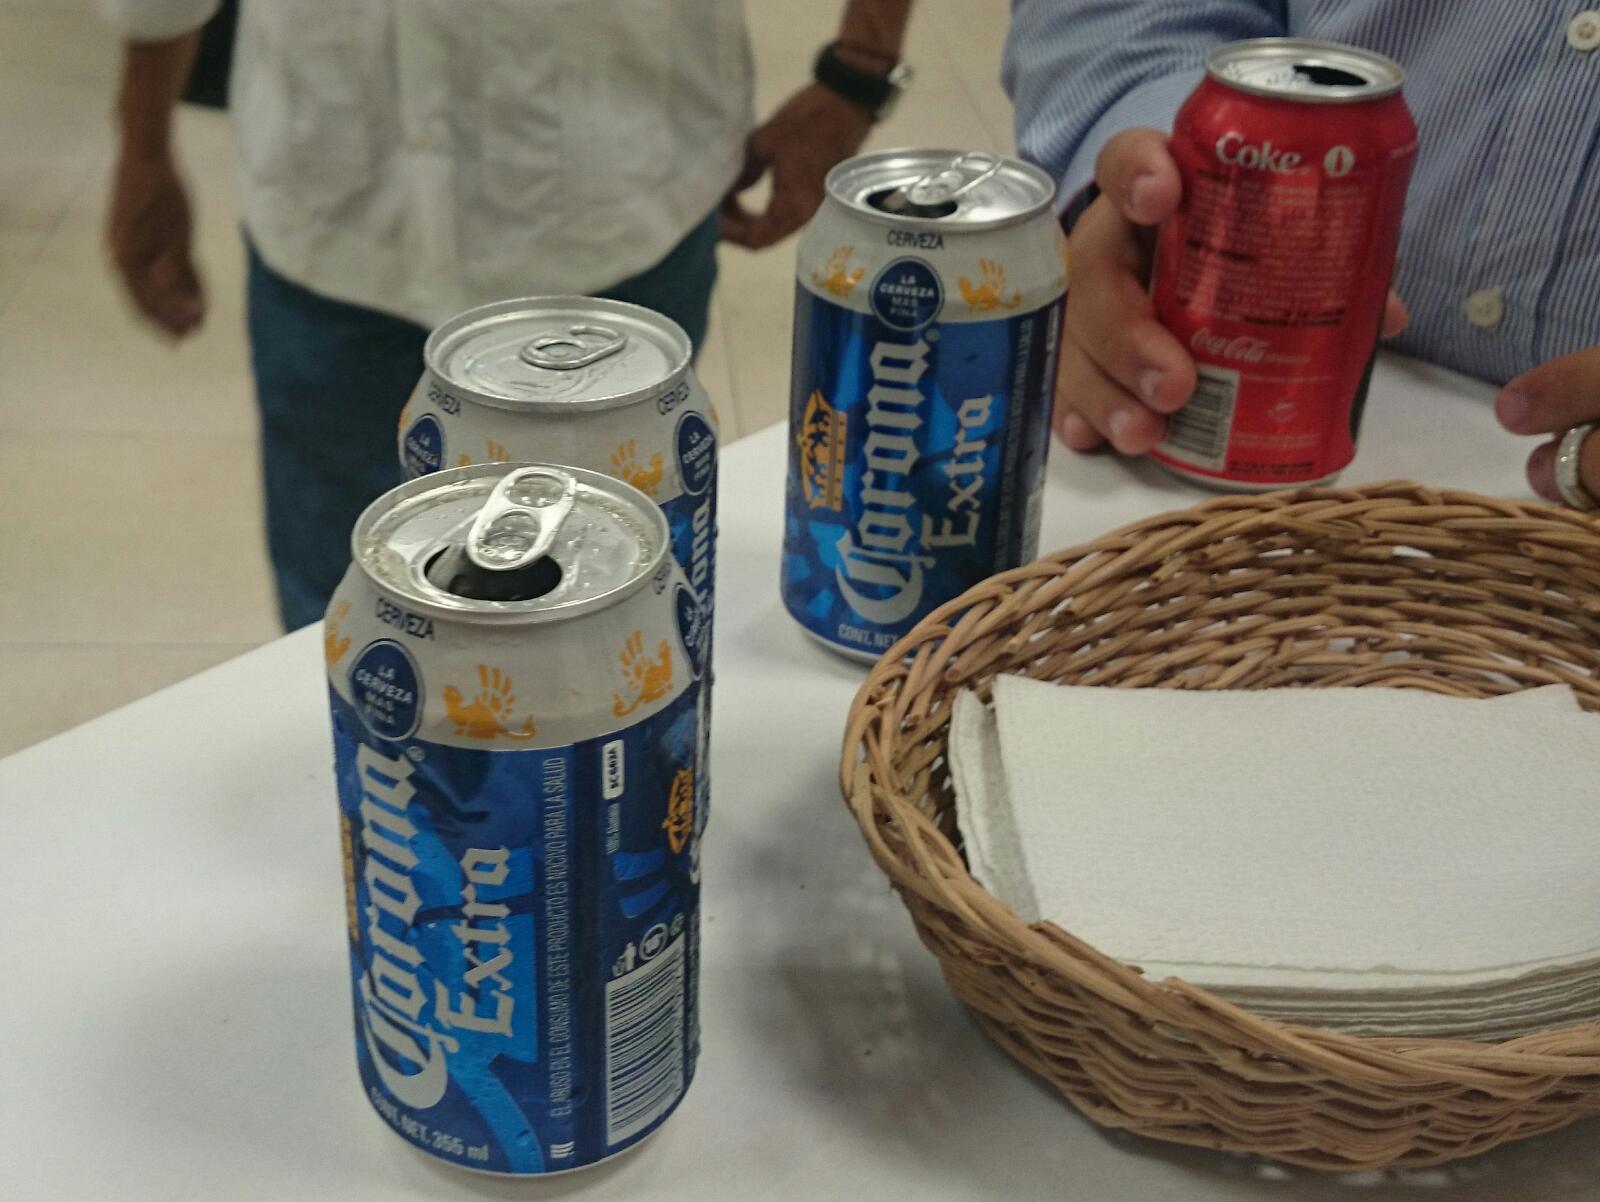 PAUL SE BURLA OTRA VEZ DE CANCUNENSES: Exhibe Alcalde doble moral al imponer ley seca durante el 'Grito', mientras corría alcohol en 'zona VIP'